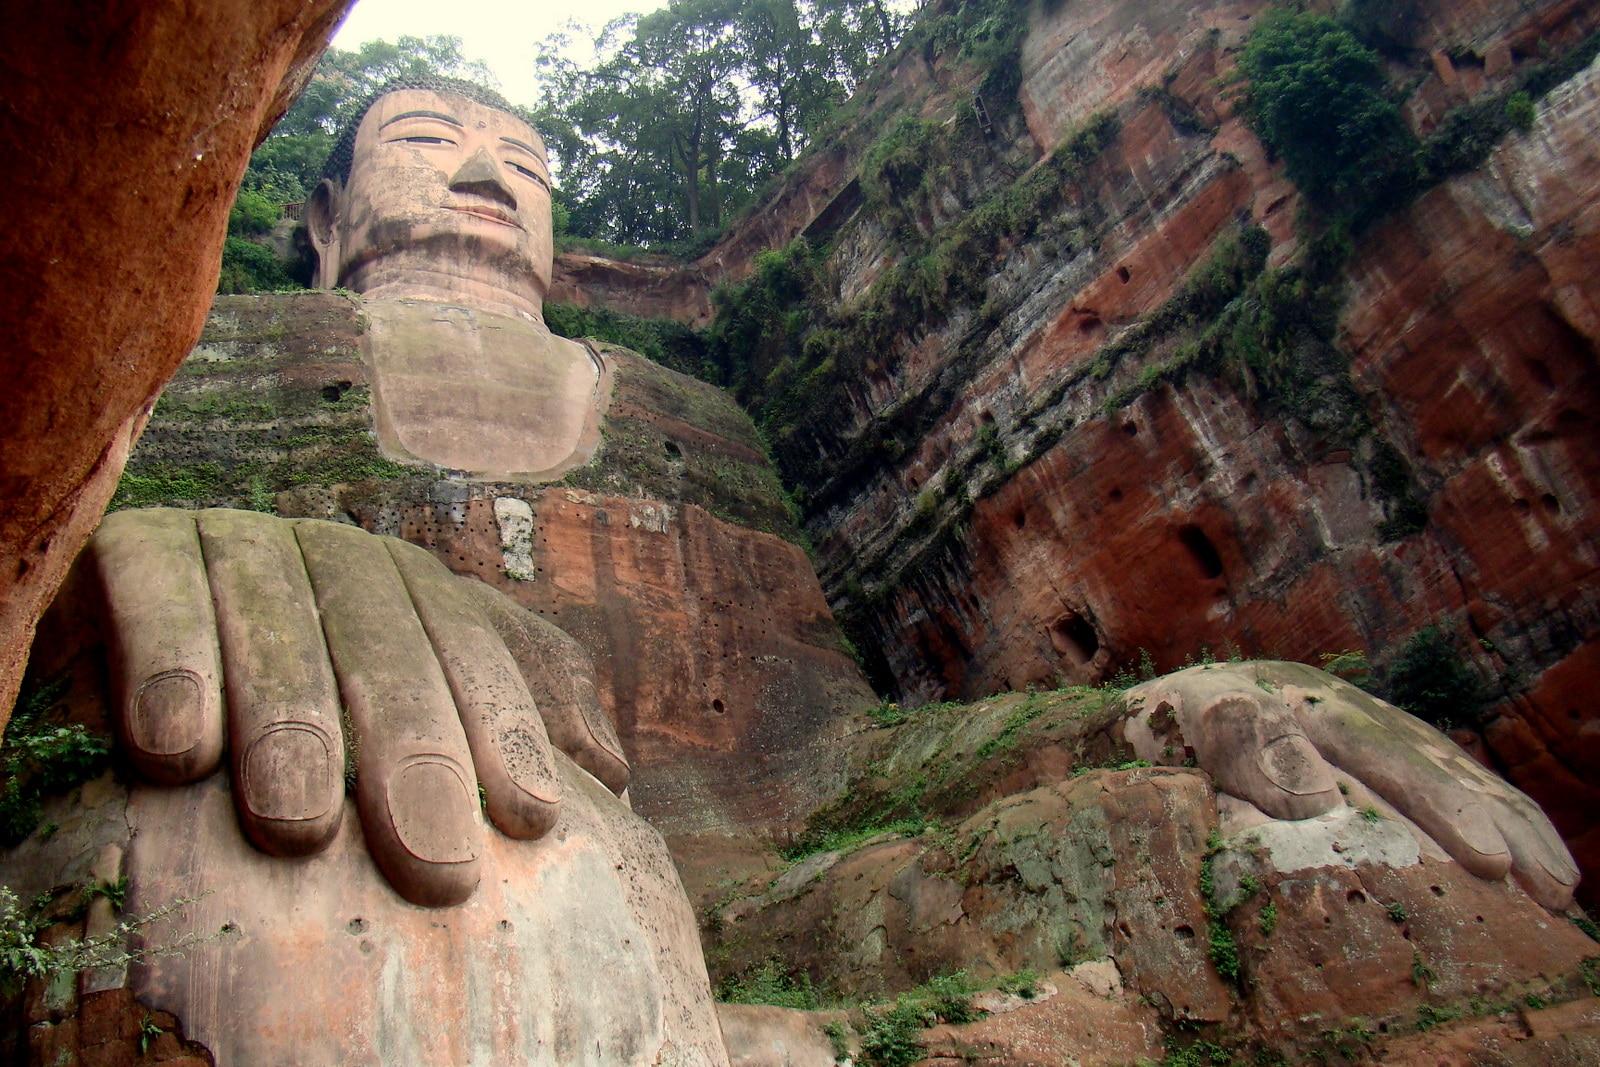 Pe unghia statuii poate sta lejer o persoană adultă